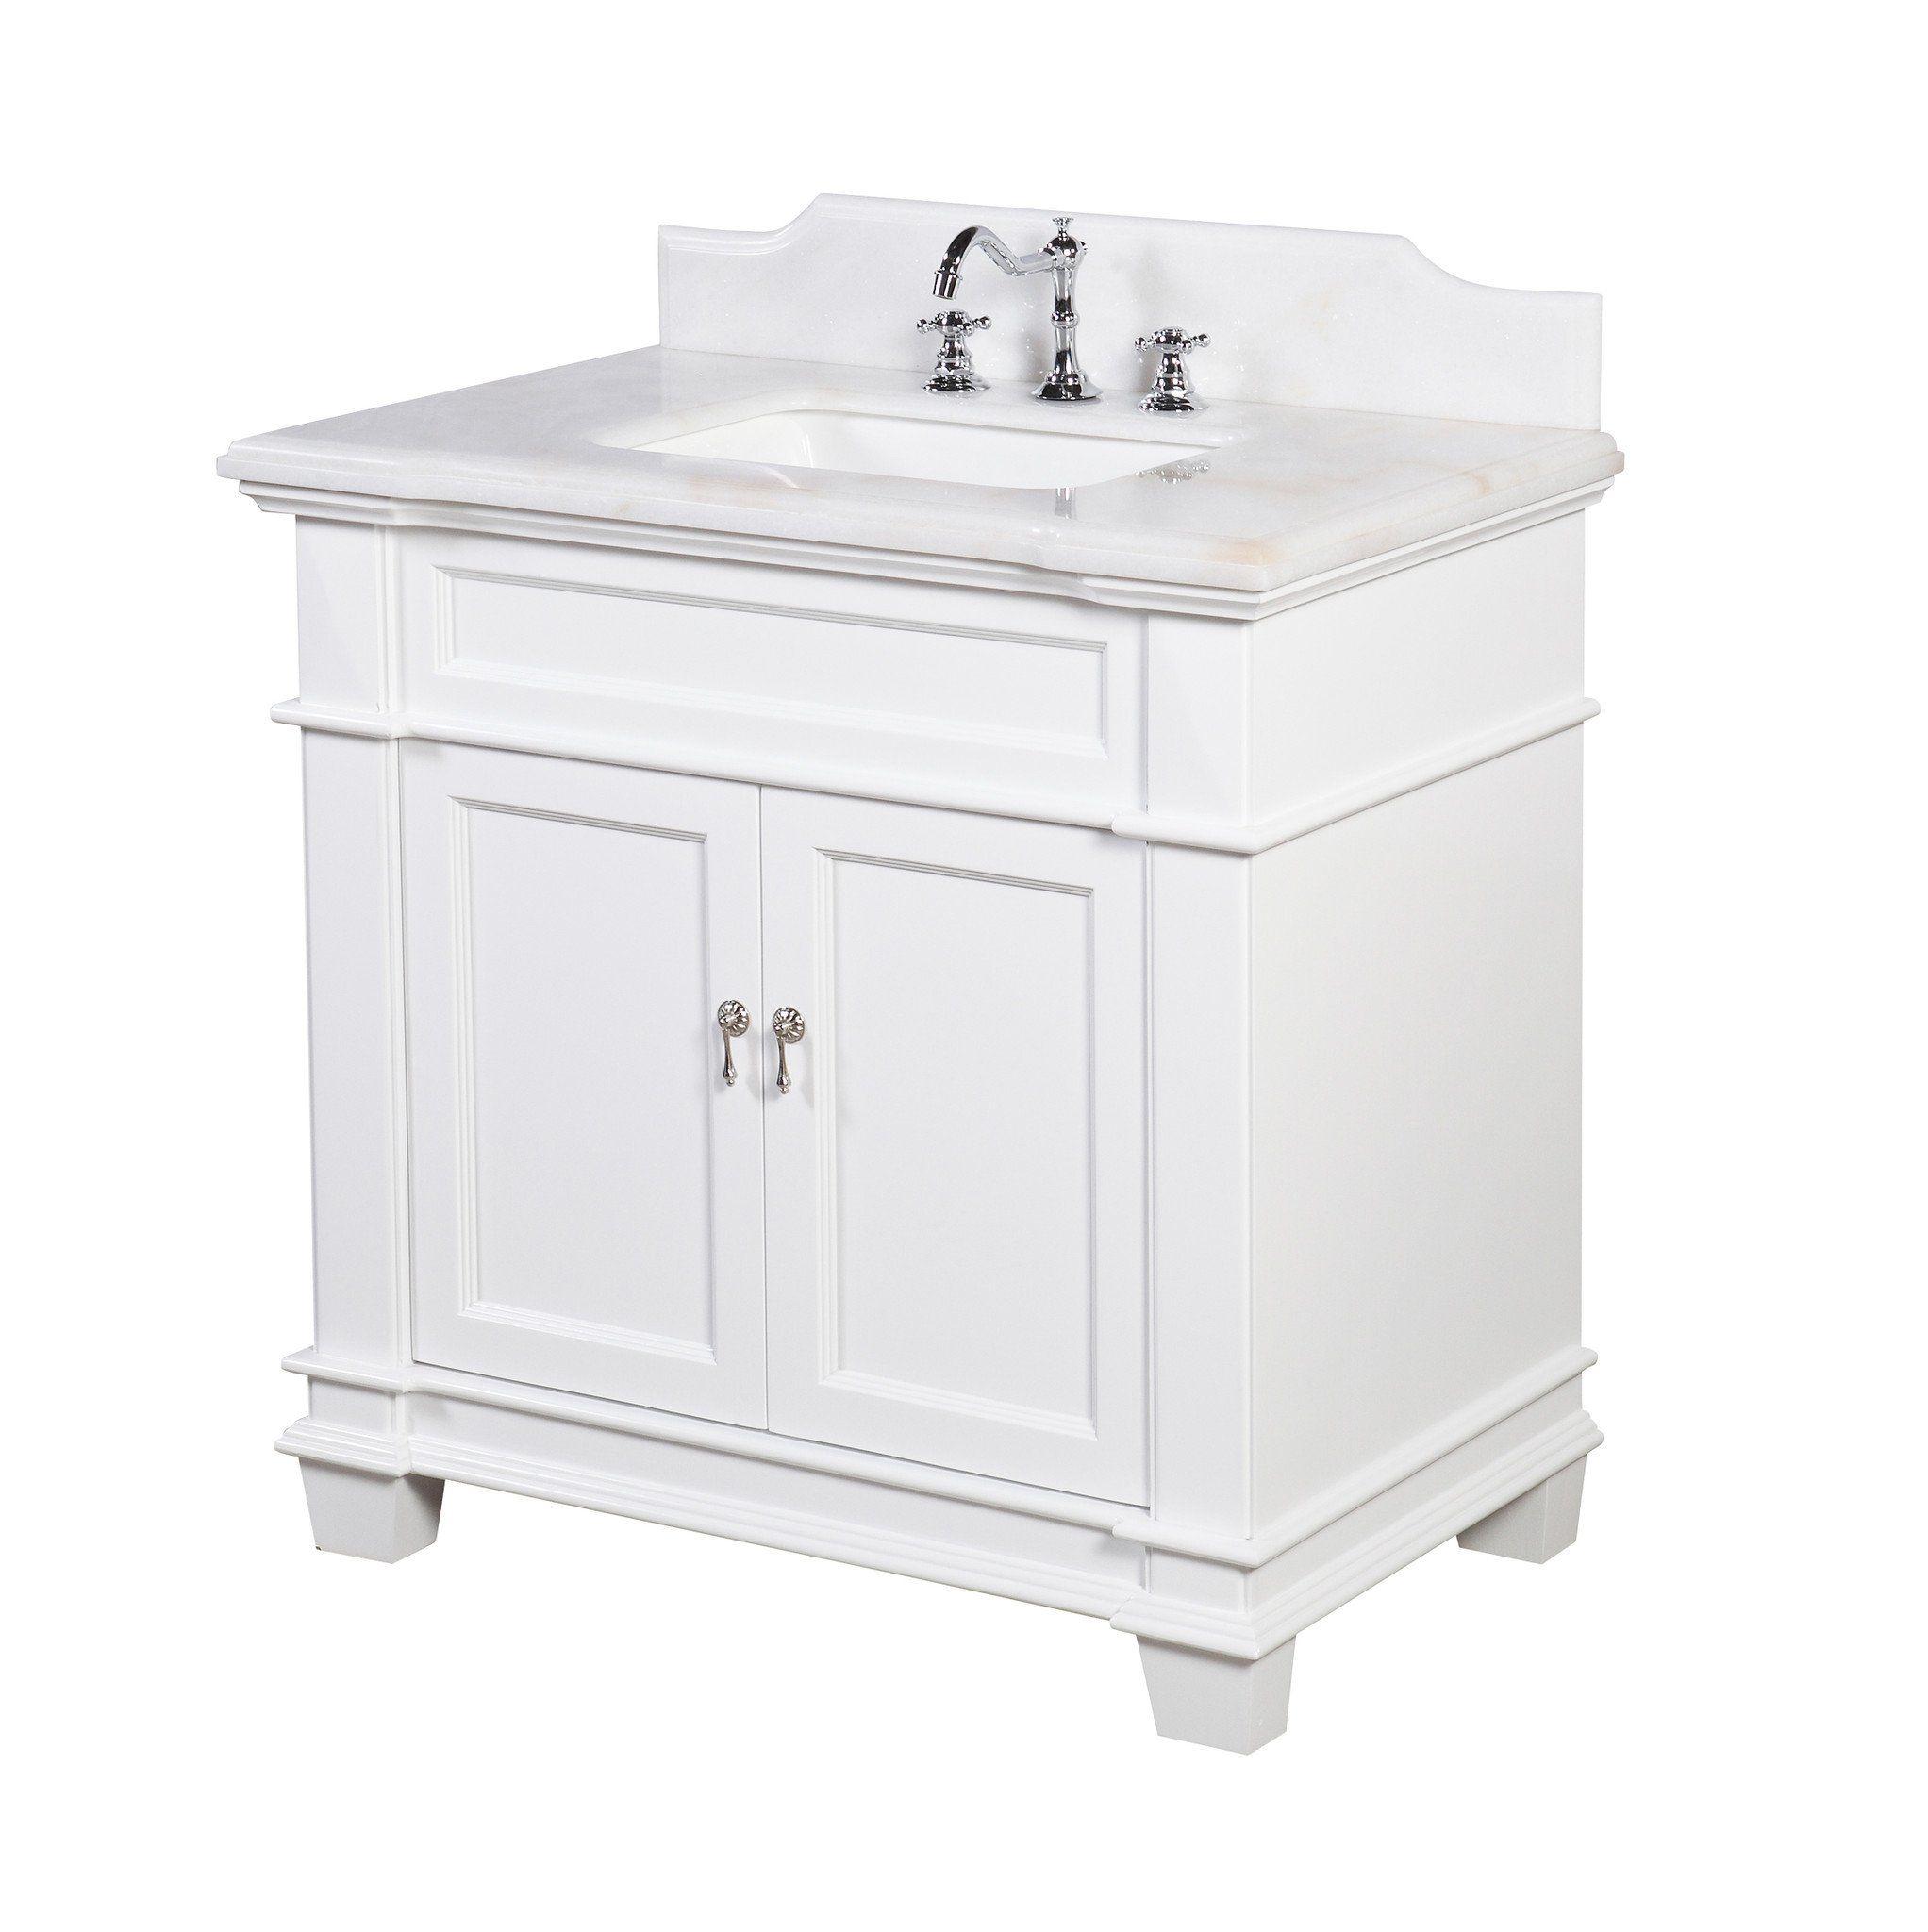 Elizabeth 36inch Vanity (White/White) KBC5936WTWT 799